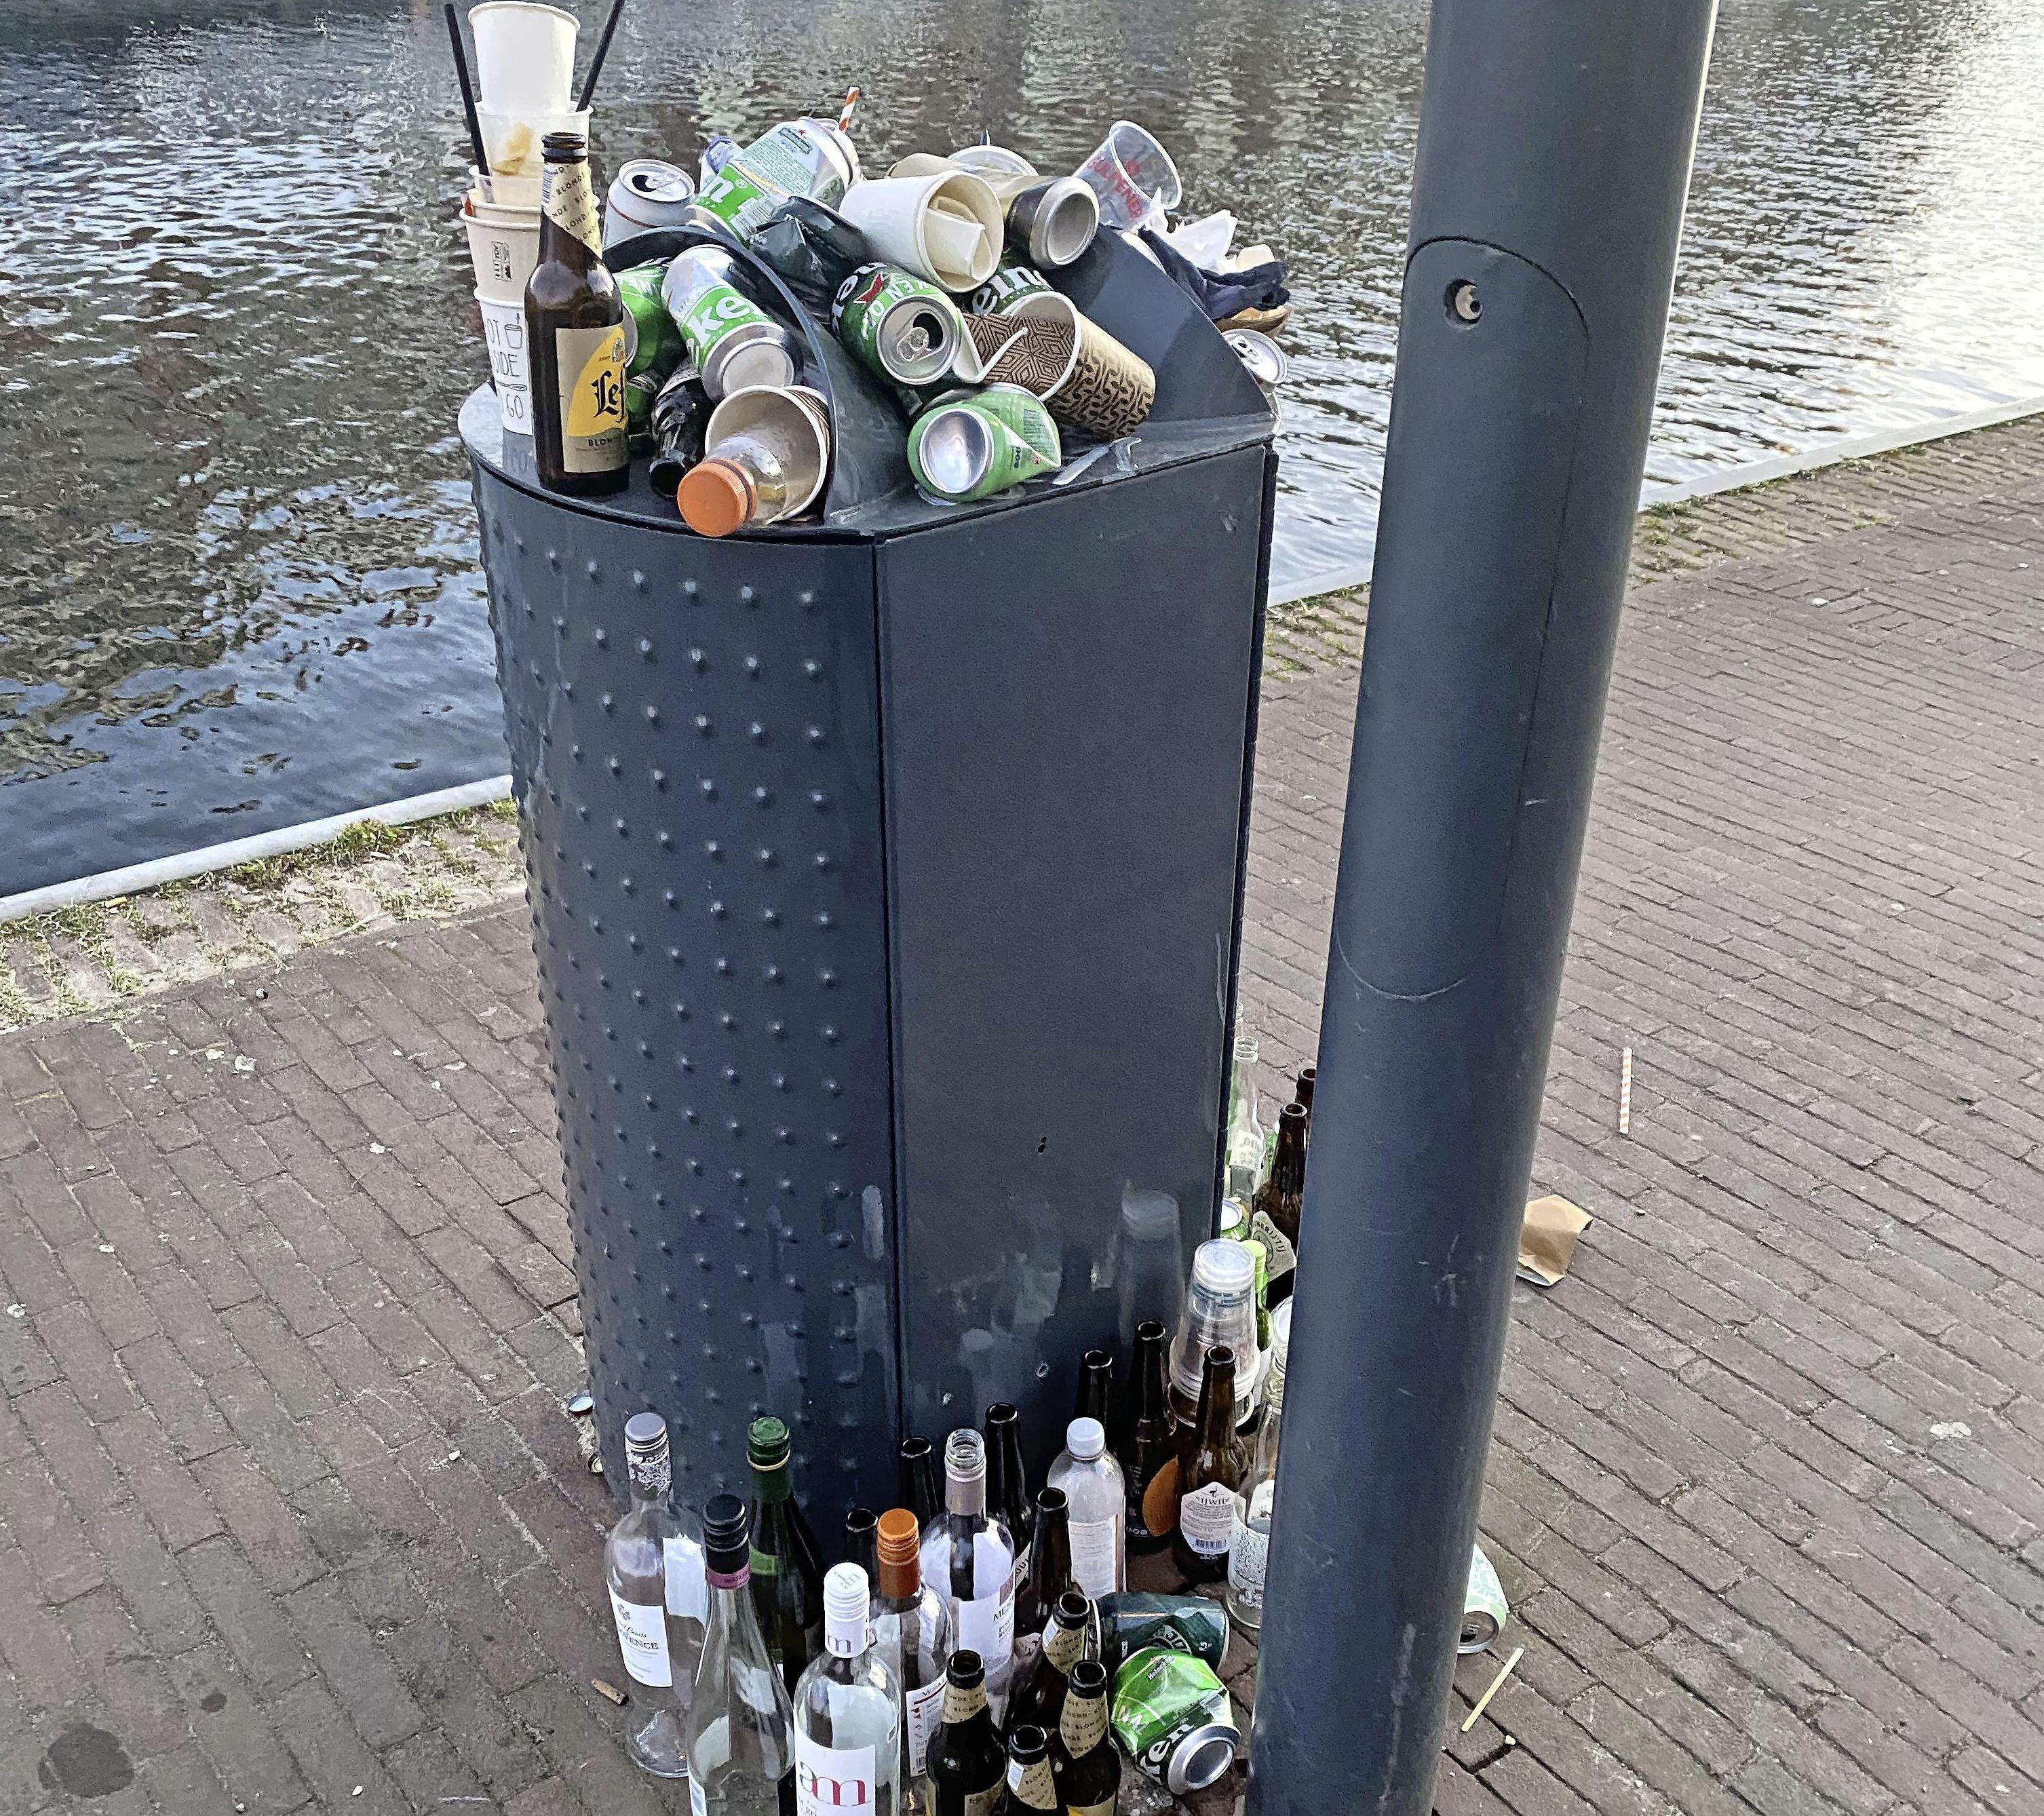 Troep op straat en overvolle afvalbakken. 'We hebben niet het idee dat we iets fout doen als we koffiebekertjes op een overvolle afvalbak stapelen, integendeel'